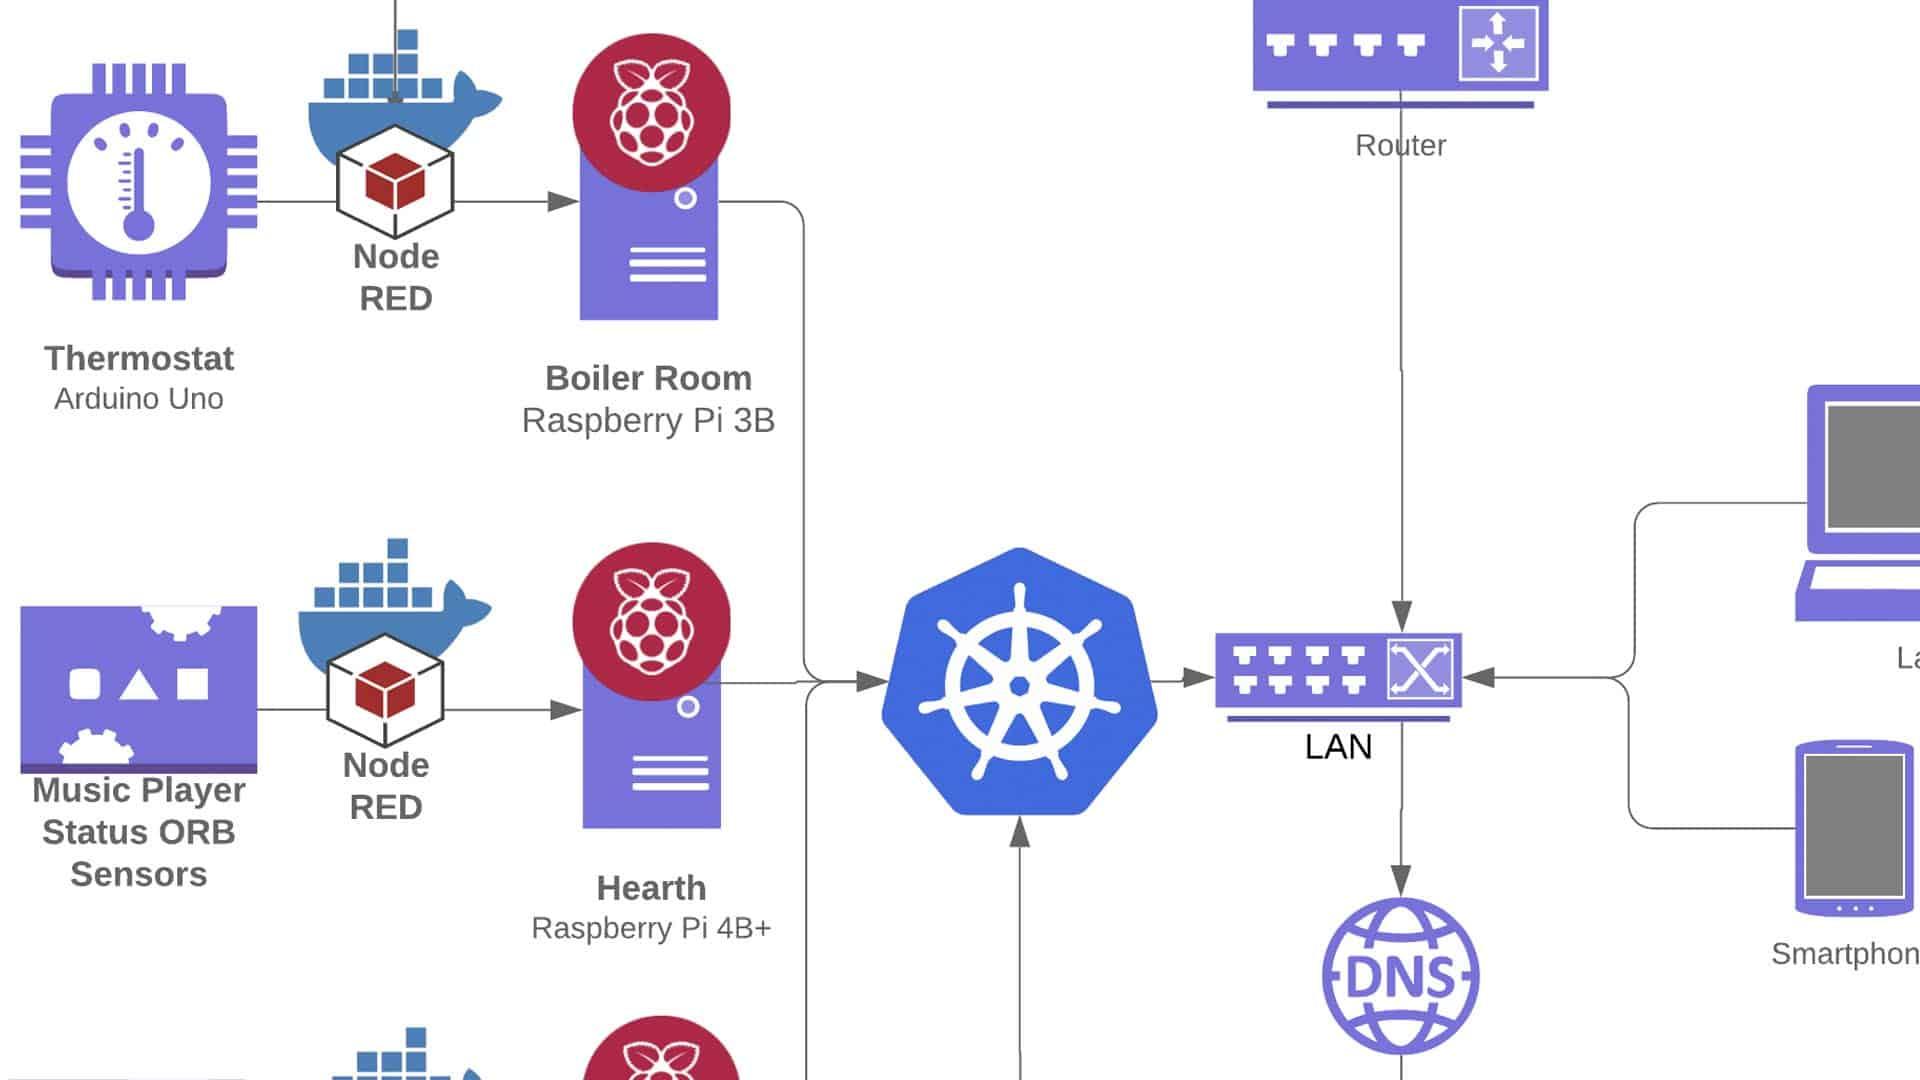 docker node red kubernetes home assistant network diagram